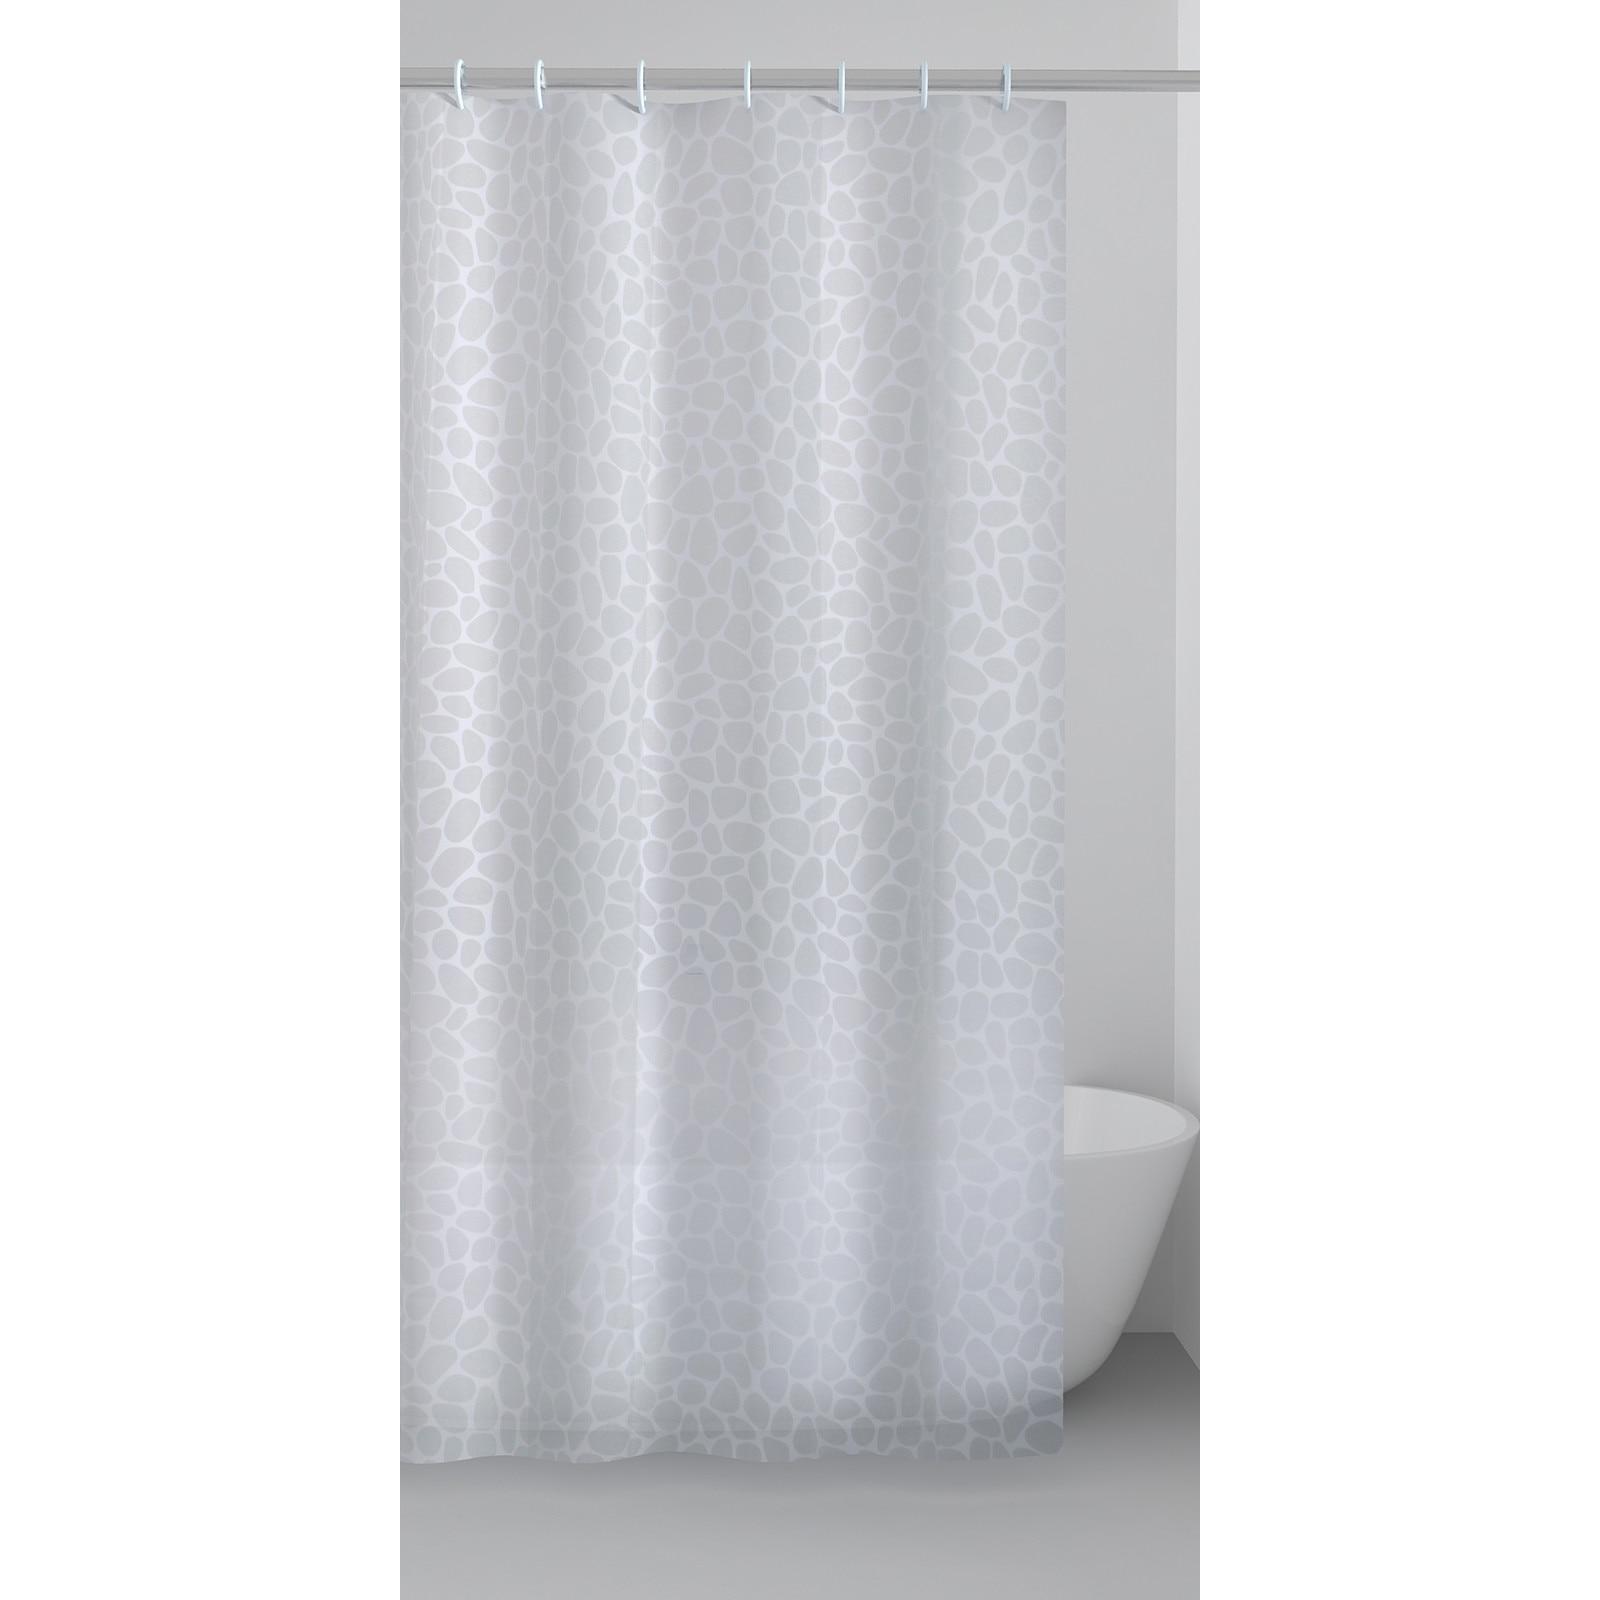 Zuhanyfüggöny, fehér, 180 x 180 cm | ElegansOtthon.hu